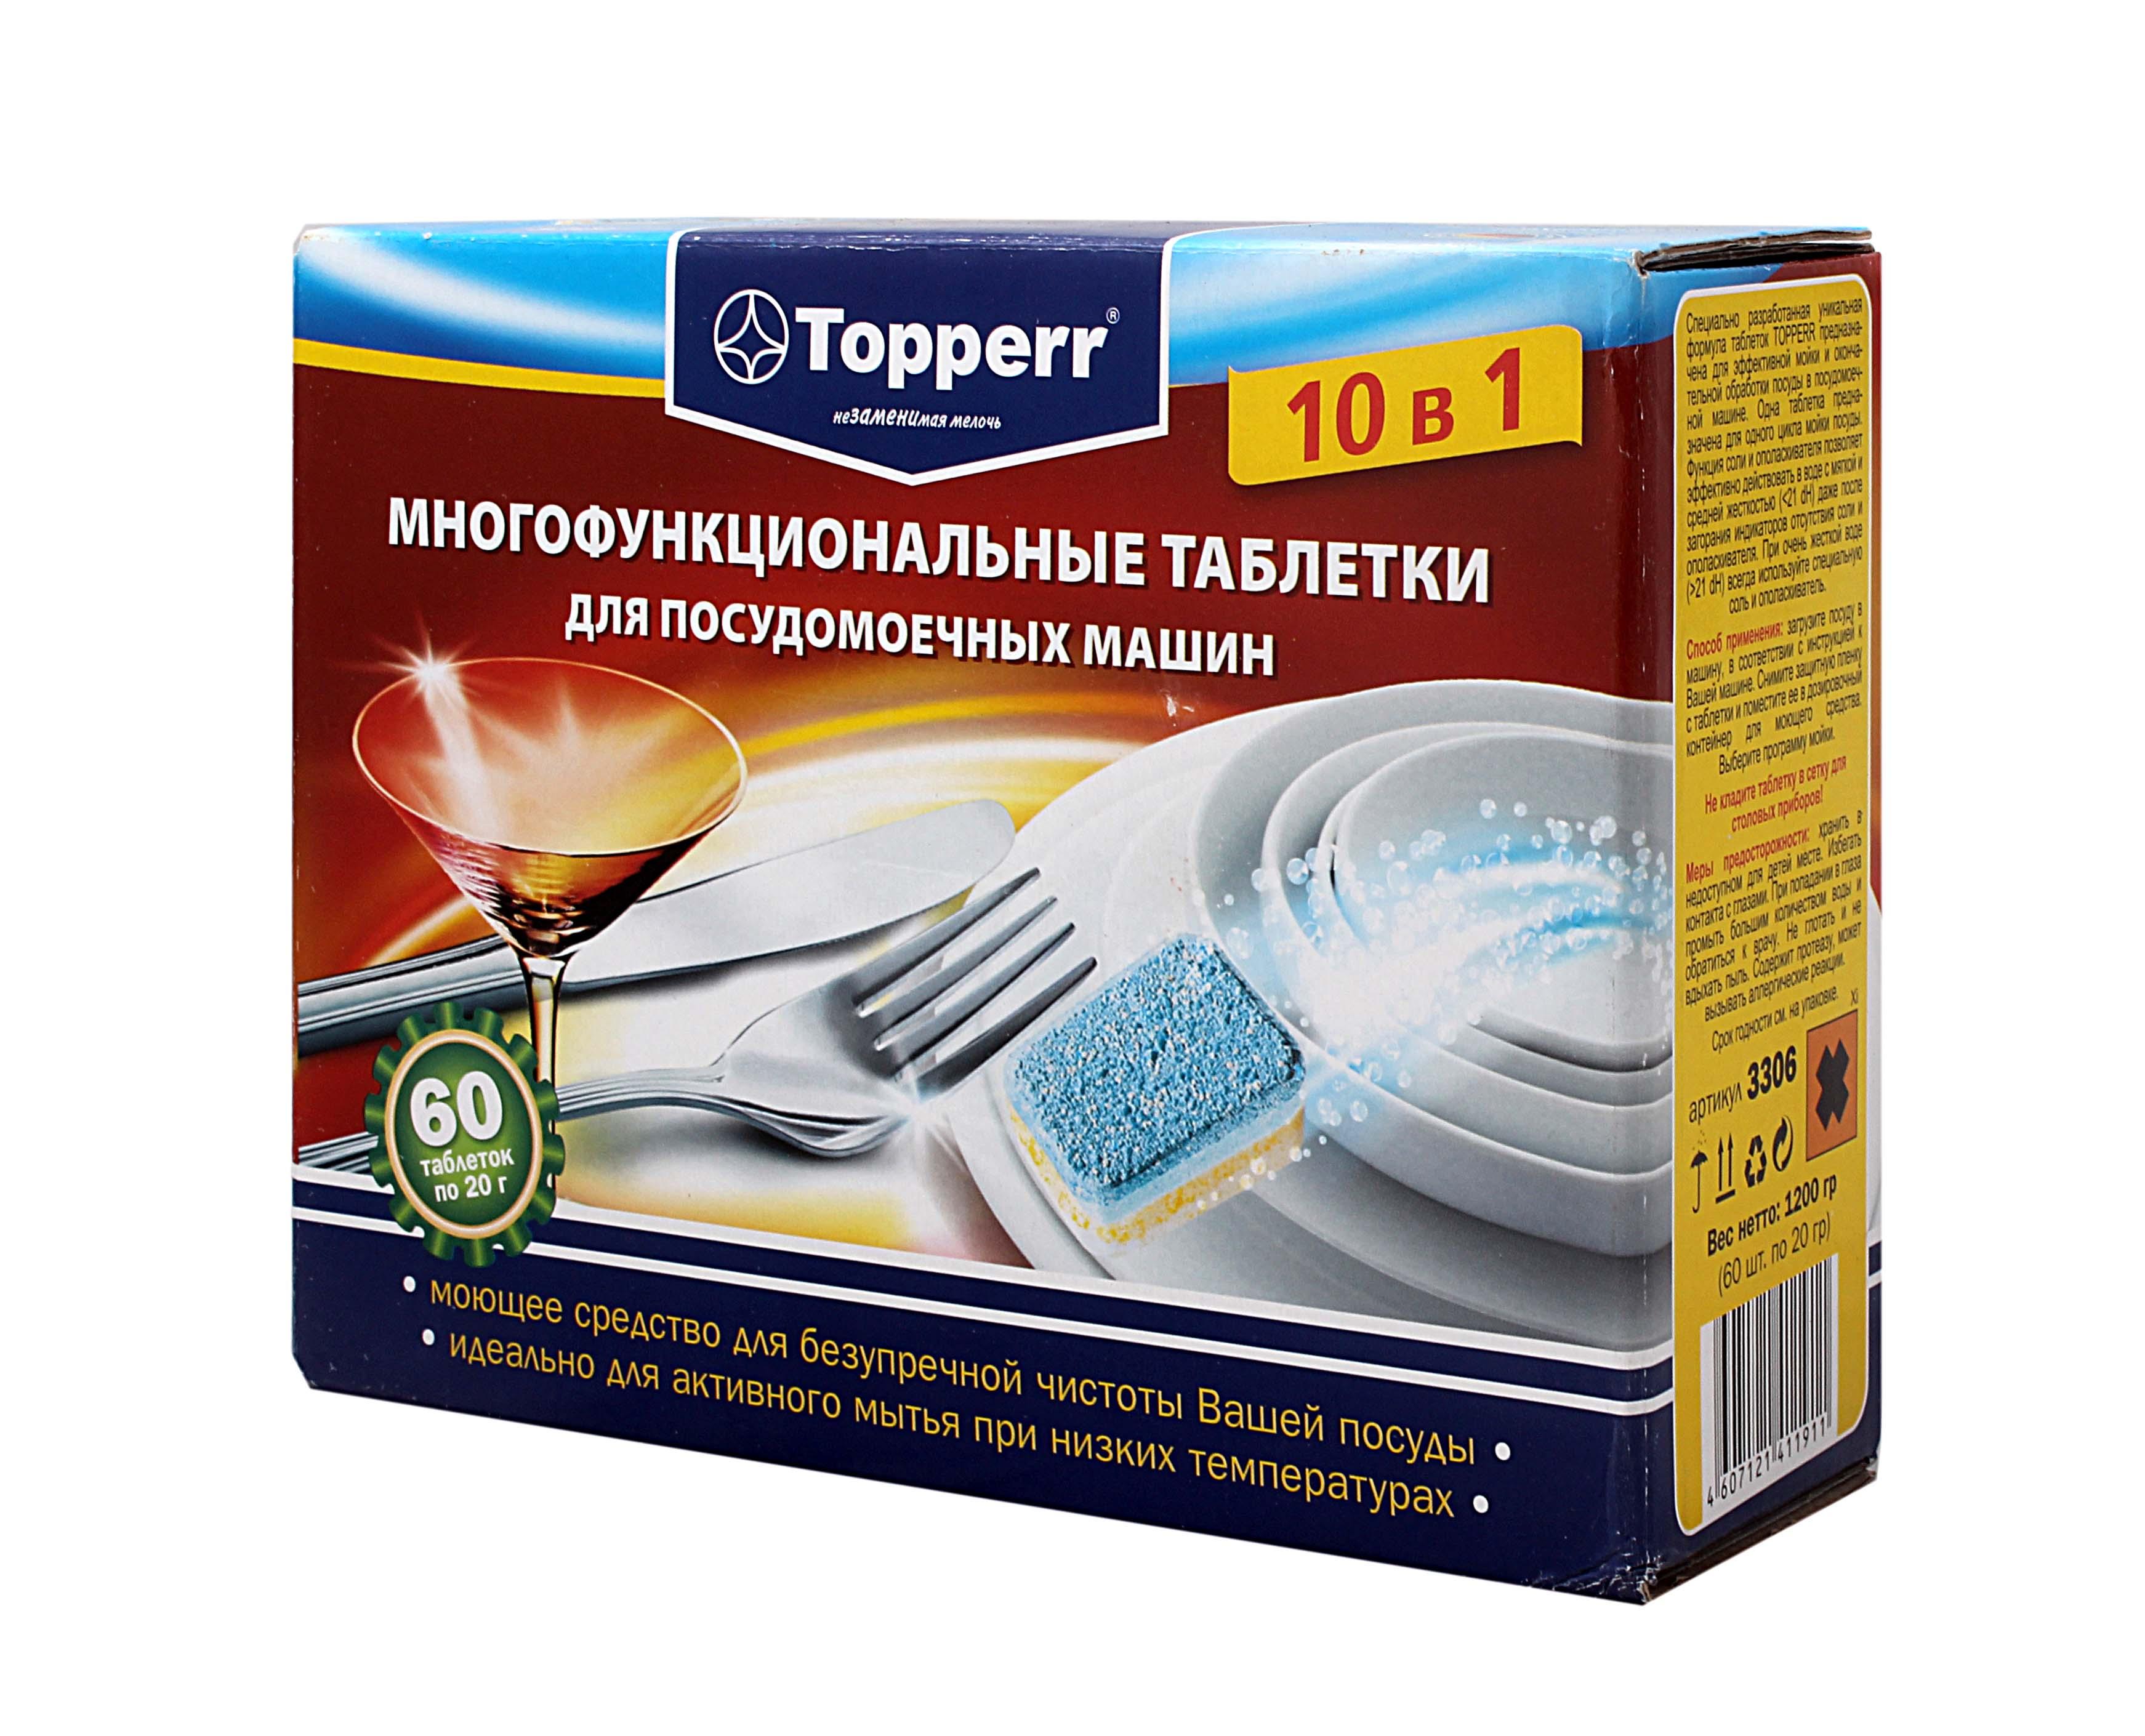 Моющие для ПММ Topperr